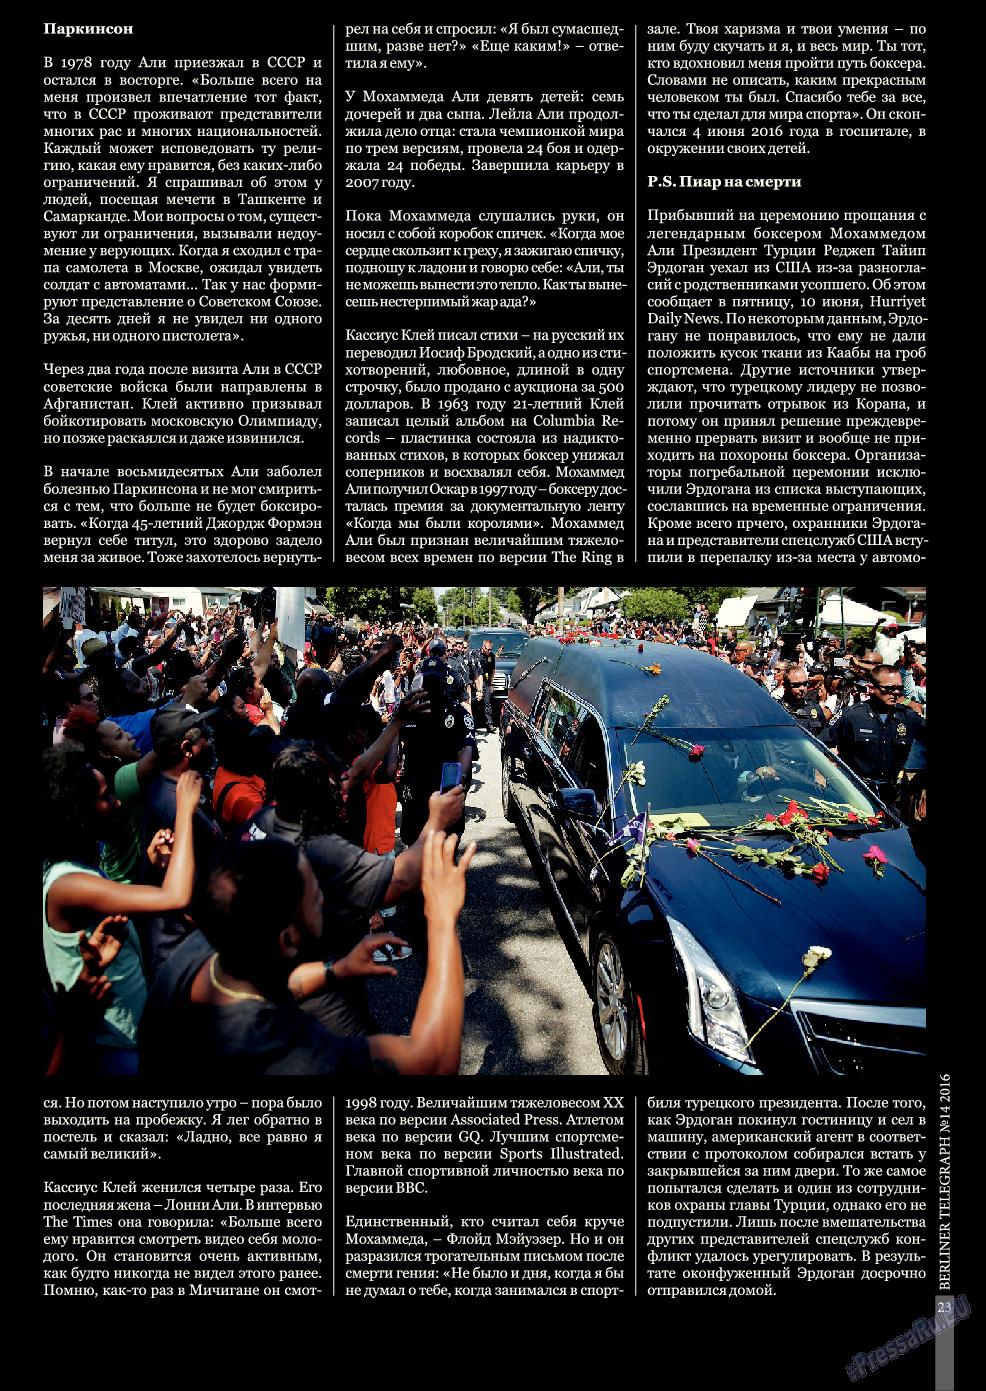 Берлинский телеграф (журнал). 2016 год, номер 14, стр. 23